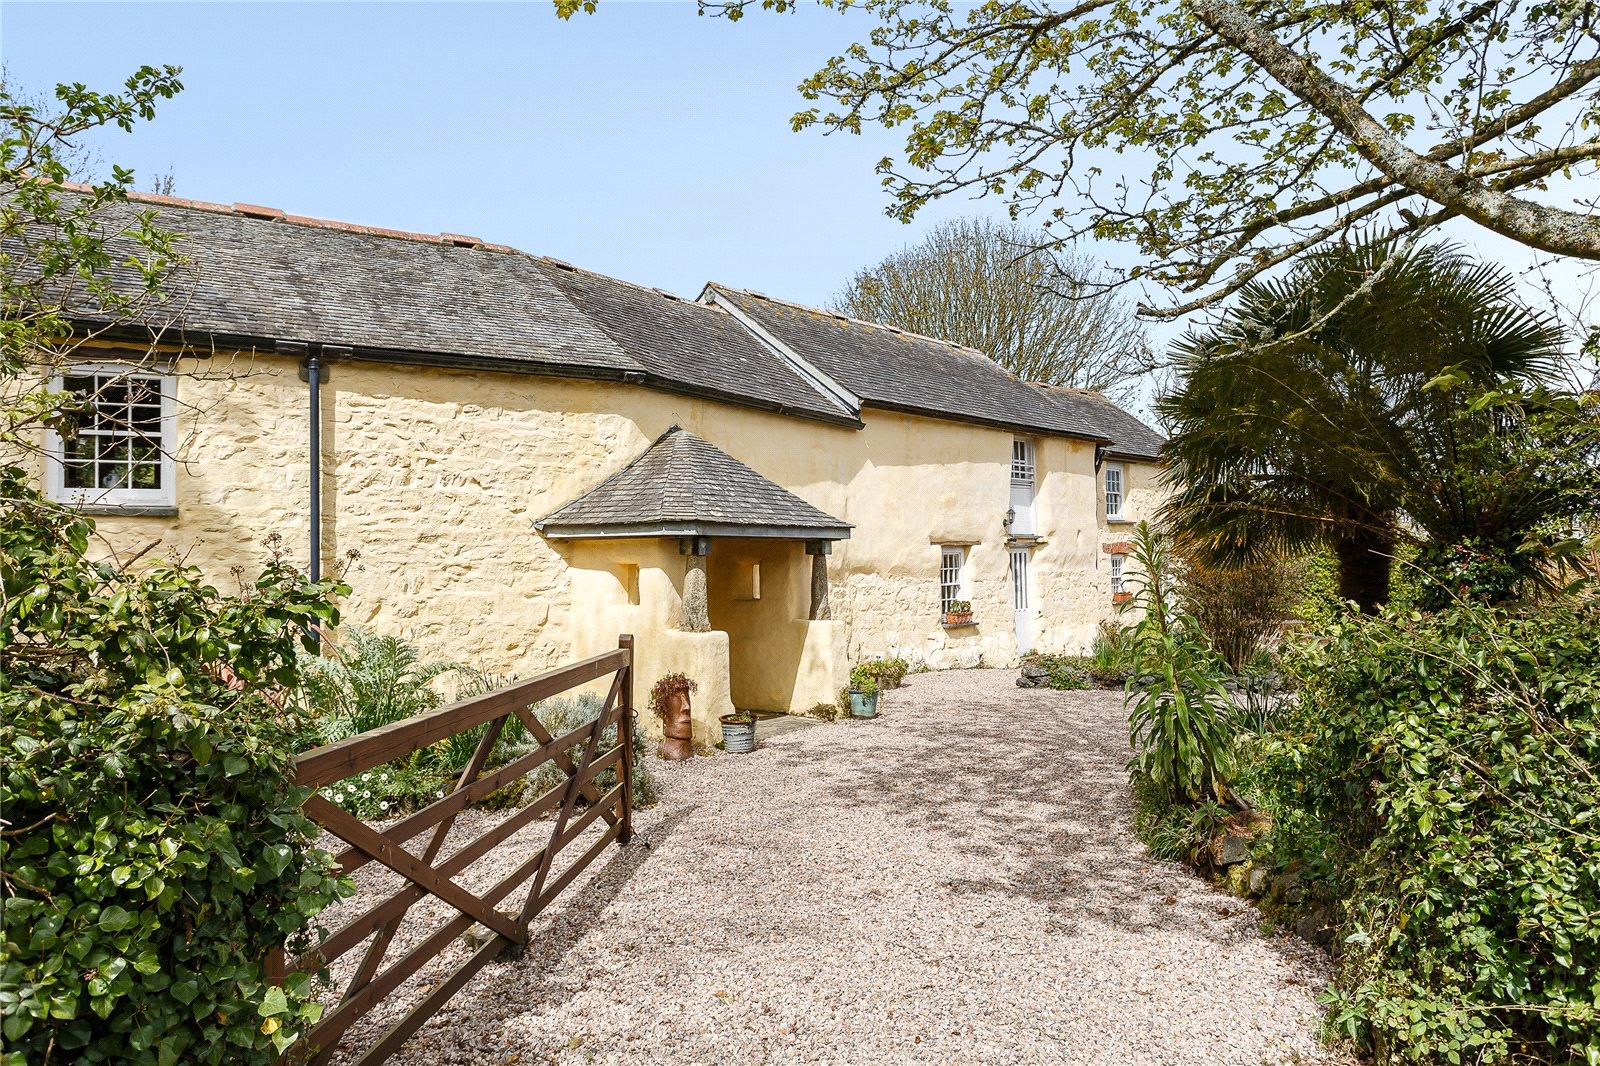 Tek Ailelik Ev için Satış at Tregarne, Manaccan, Helston, Cornwall, TR12 Helston, Ingiltere